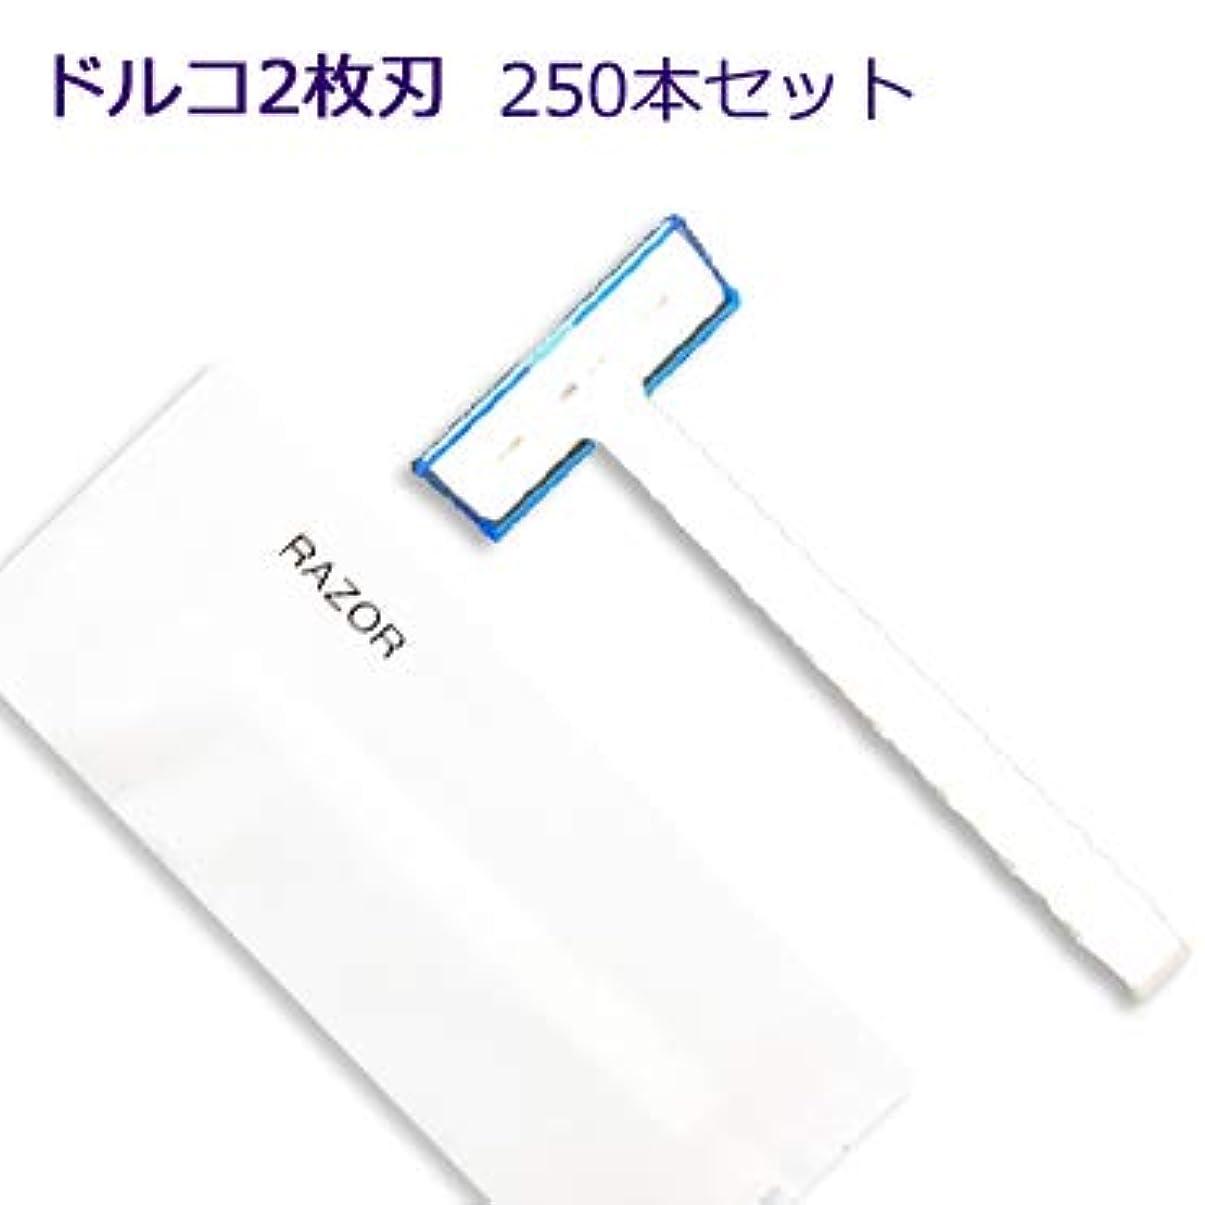 審判露スマートホテル業務用 カミソリ マットシリーズ ドルコ 2枚刃 (1セット250個入)